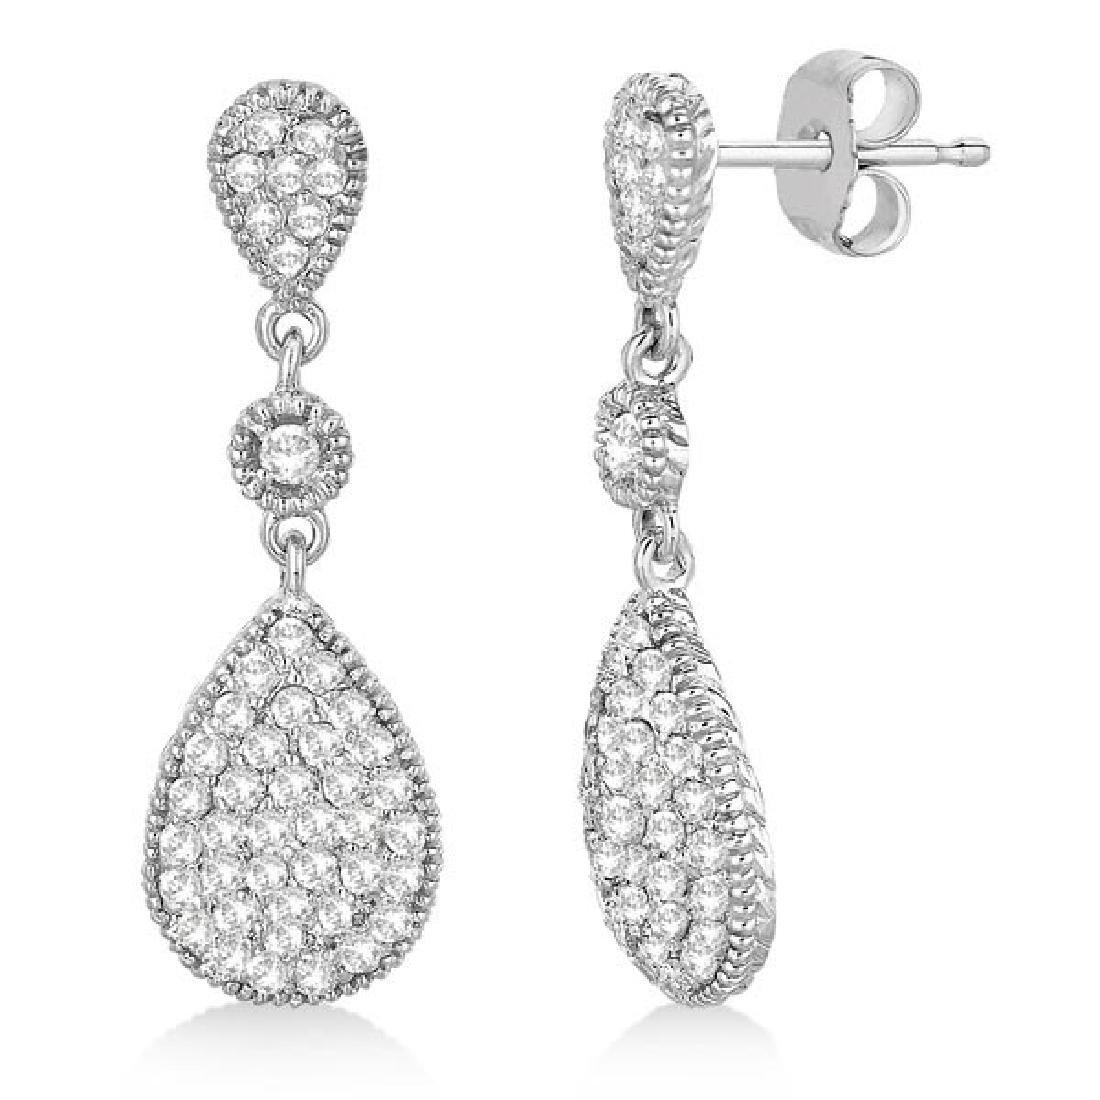 Milgrain Tear Drop Dangling Diamond Earrings 14k White